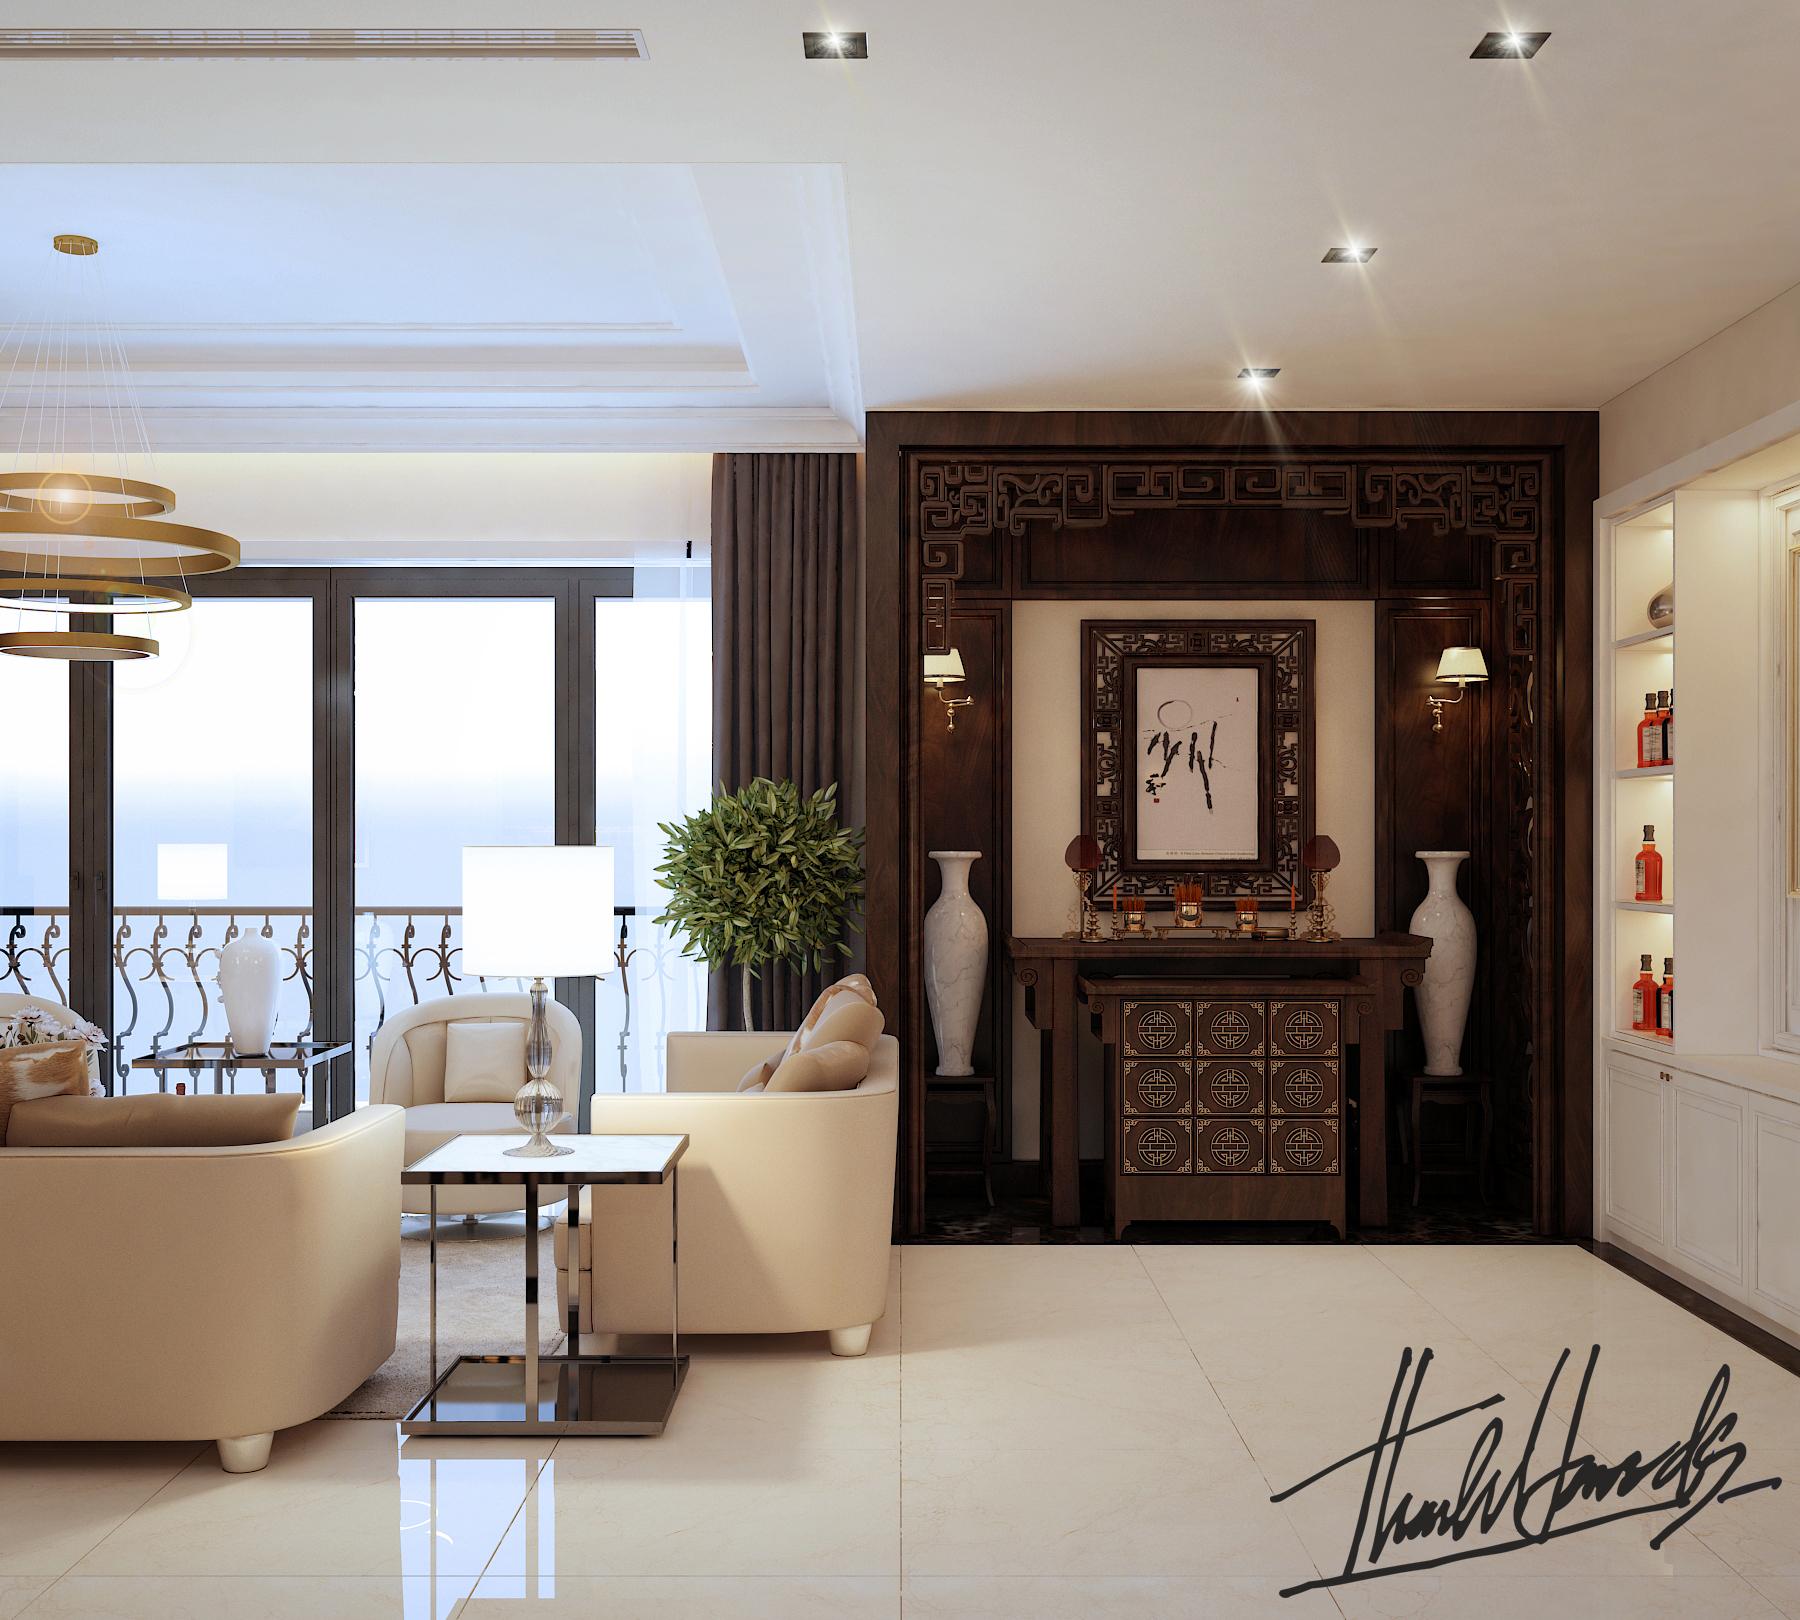 thiết kế nội thất chung cư tại Hà Nội chung cu royacity 1 1568191820